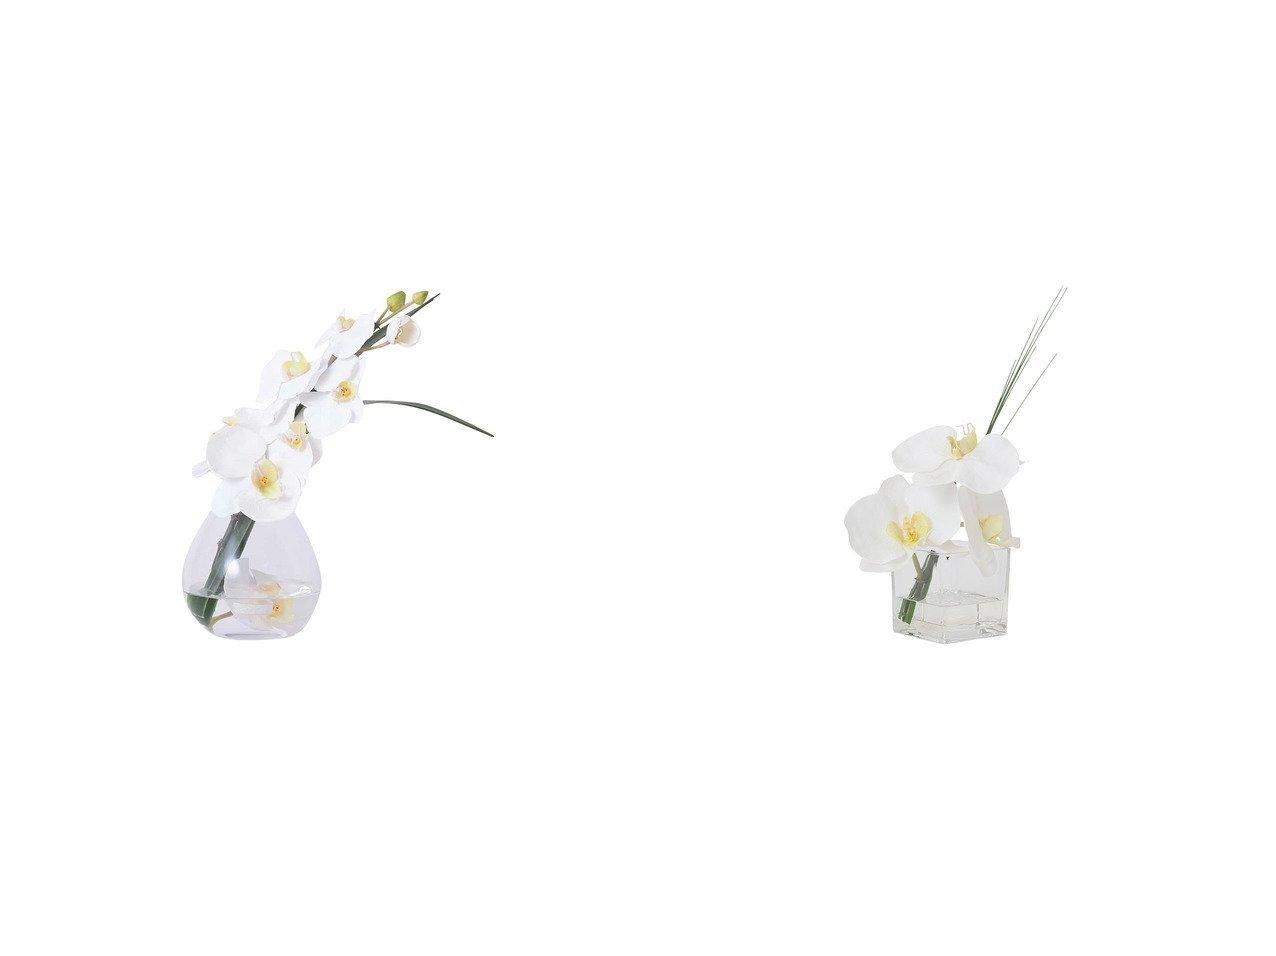 【EMILIO ROBBA/エミリオロバ】のファレノプシス #103125&ファレノプシス #103121 【FURNITURE 花瓶・フラワーベース】おすすめ!人気、インテリア雑貨・家具の通販 おすすめで人気の流行・トレンド、ファッションの通販商品 インテリア・家具・メンズファッション・キッズファッション・レディースファッション・服の通販 founy(ファニー) https://founy.com/ エレガント コレクション シリコン リーフ  ID:crp329100000052377